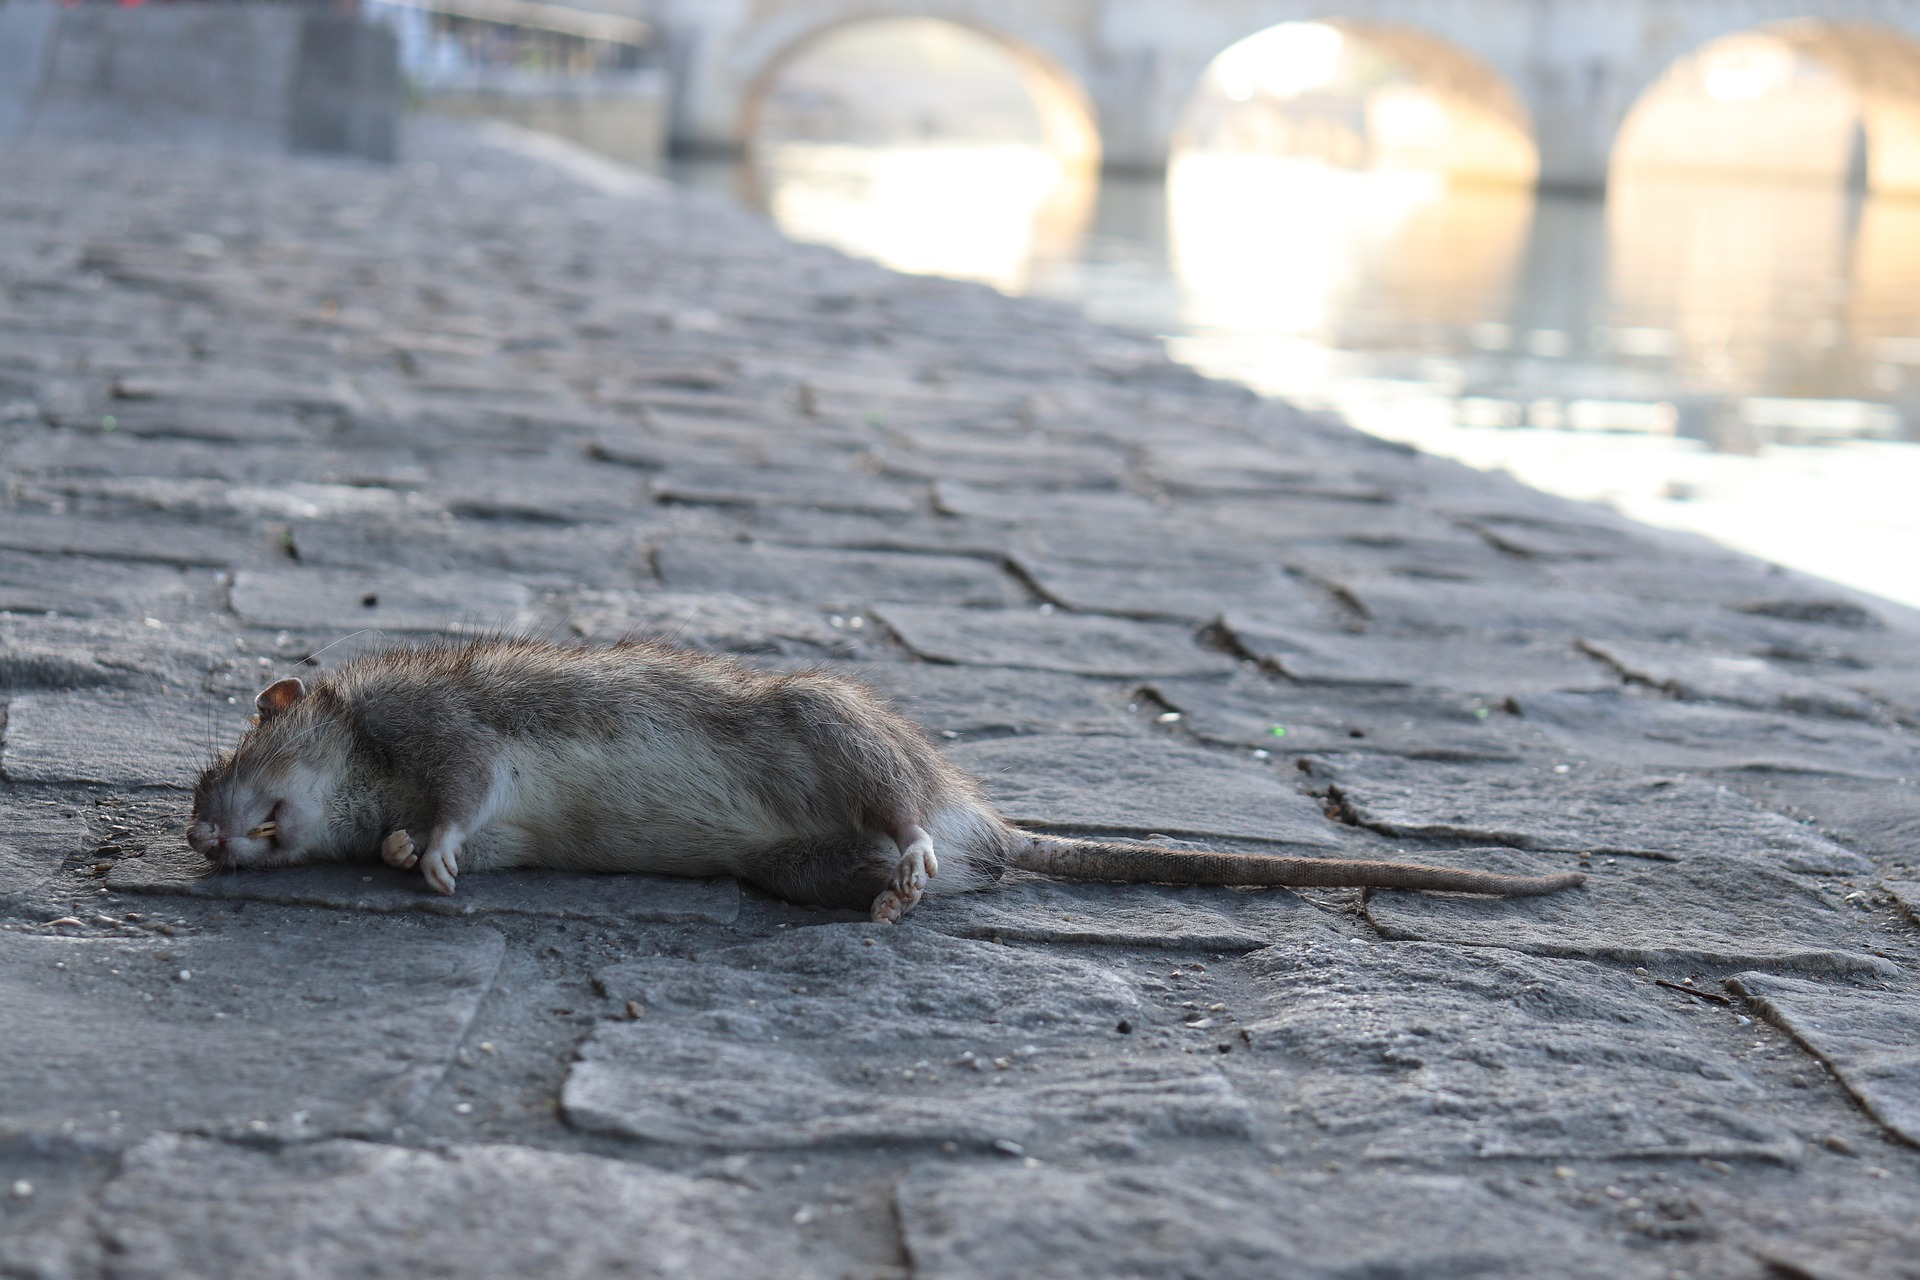 鼠疫杆菌:从跳蚤克星到杀人魔王……